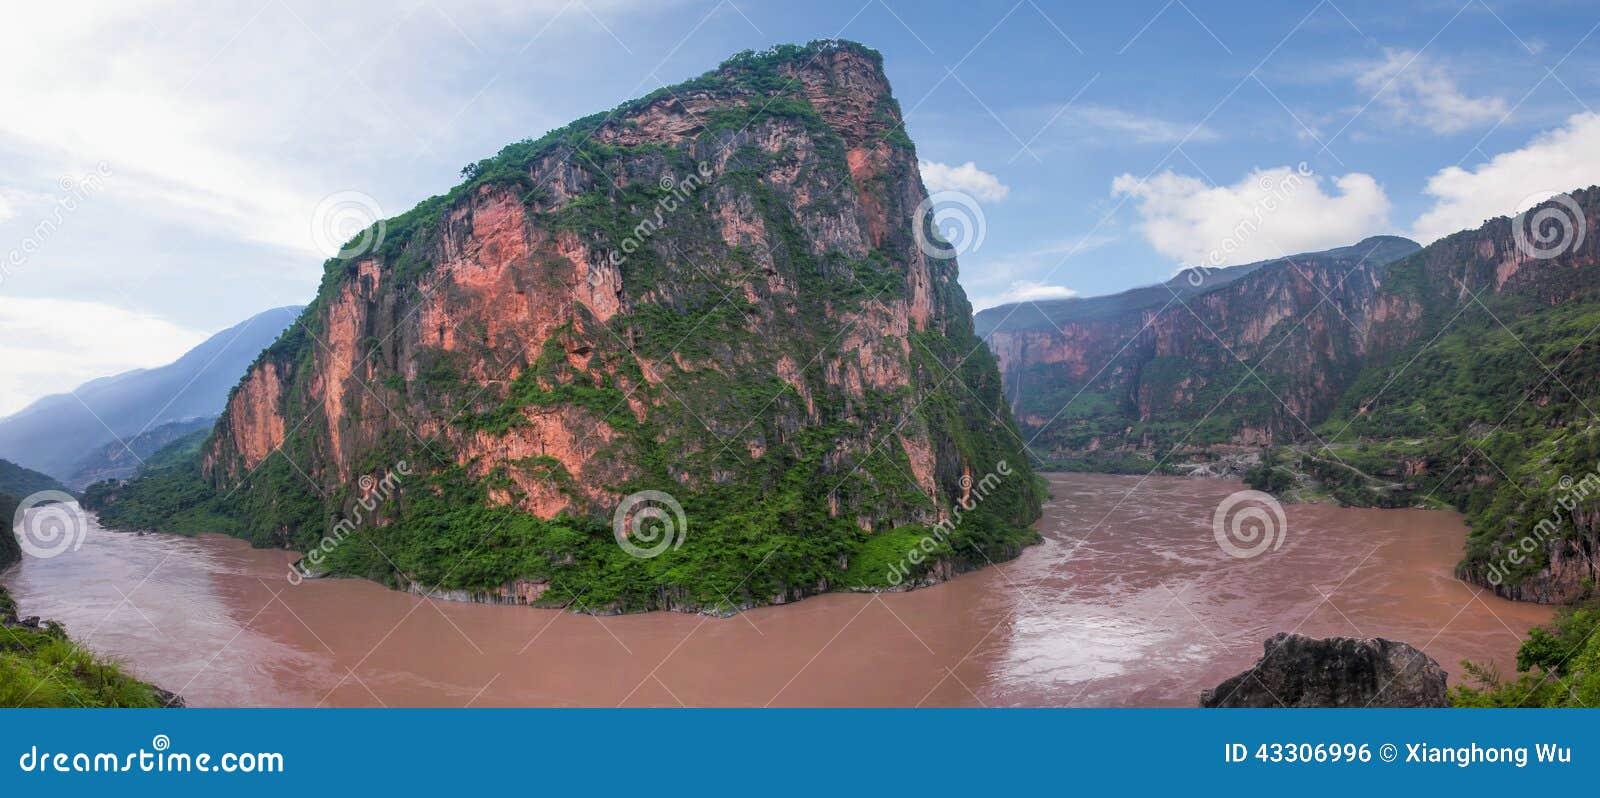 Mountain in the Jinsha River